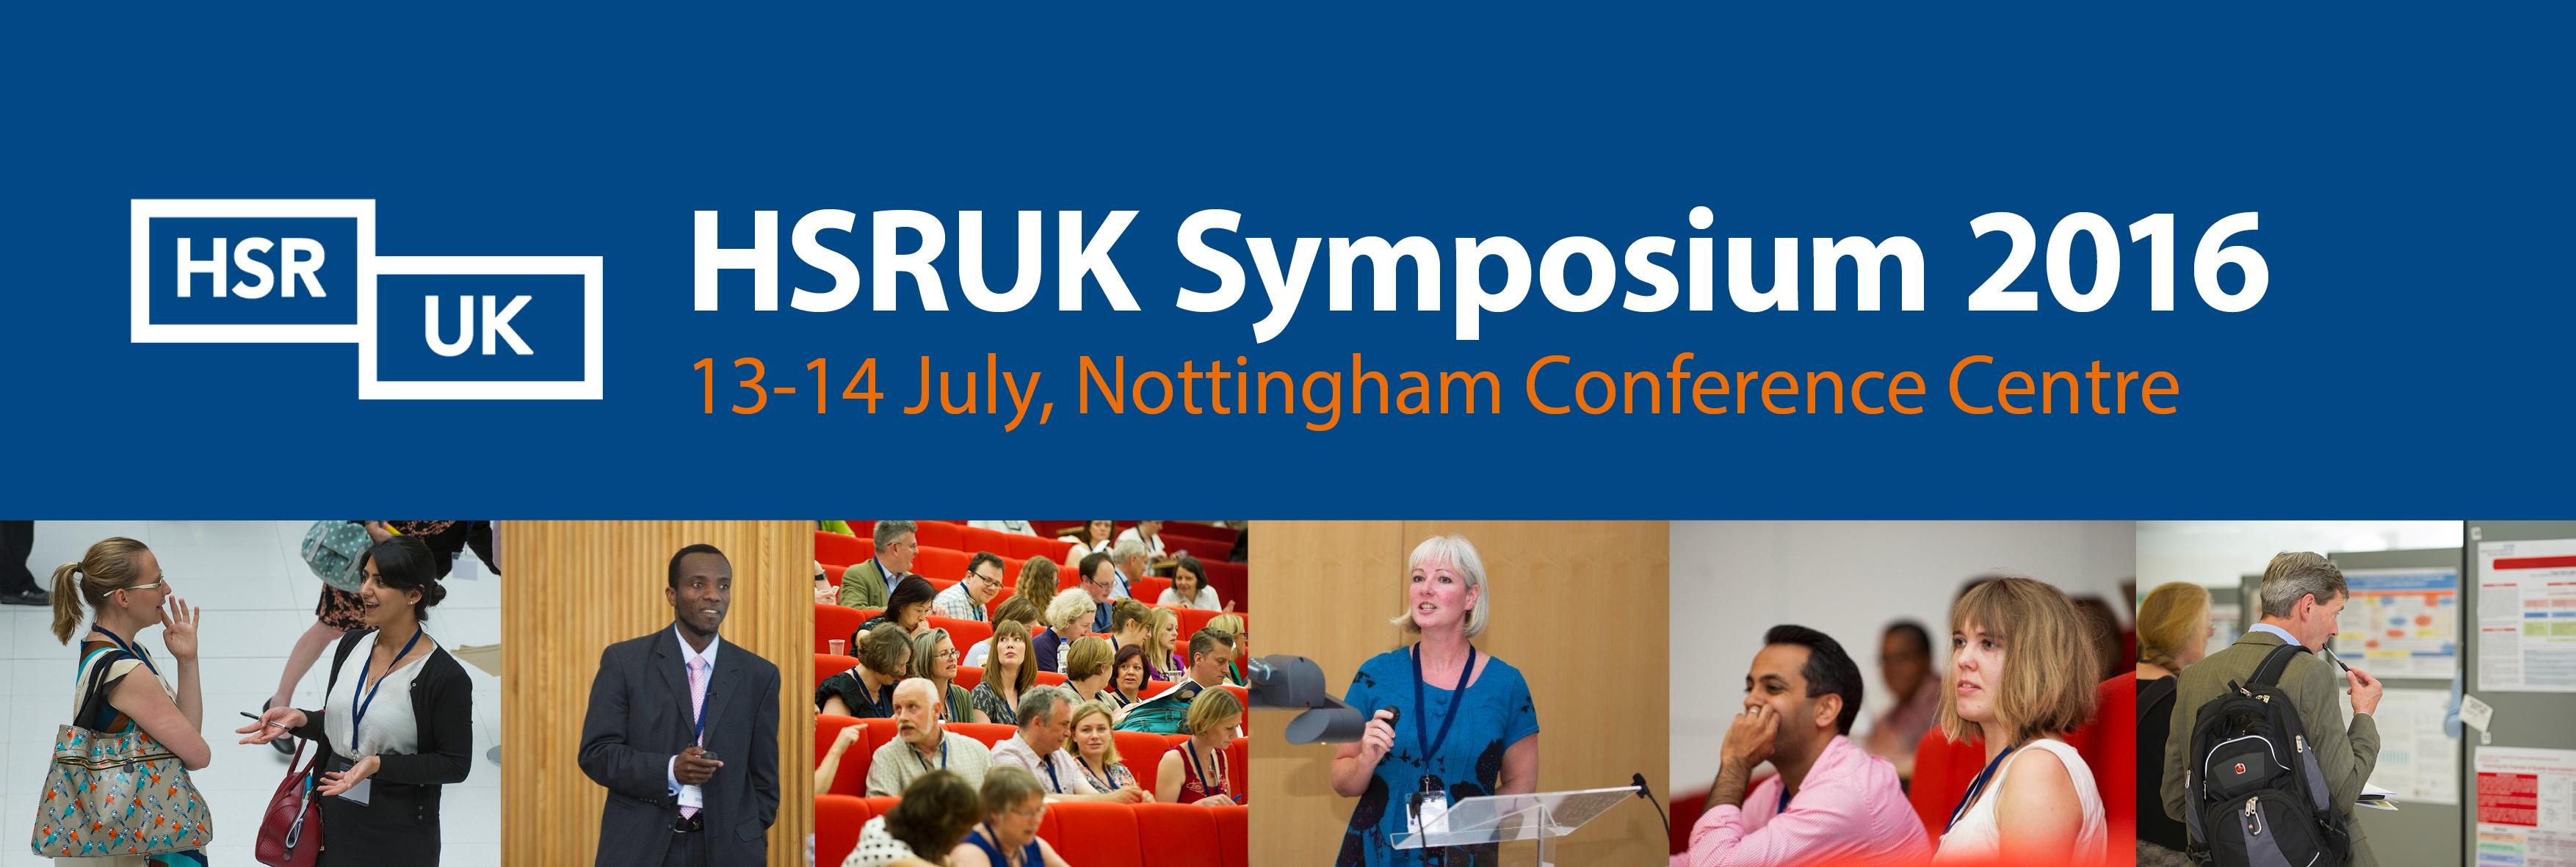 HSRUK Symposium 2016 web banner